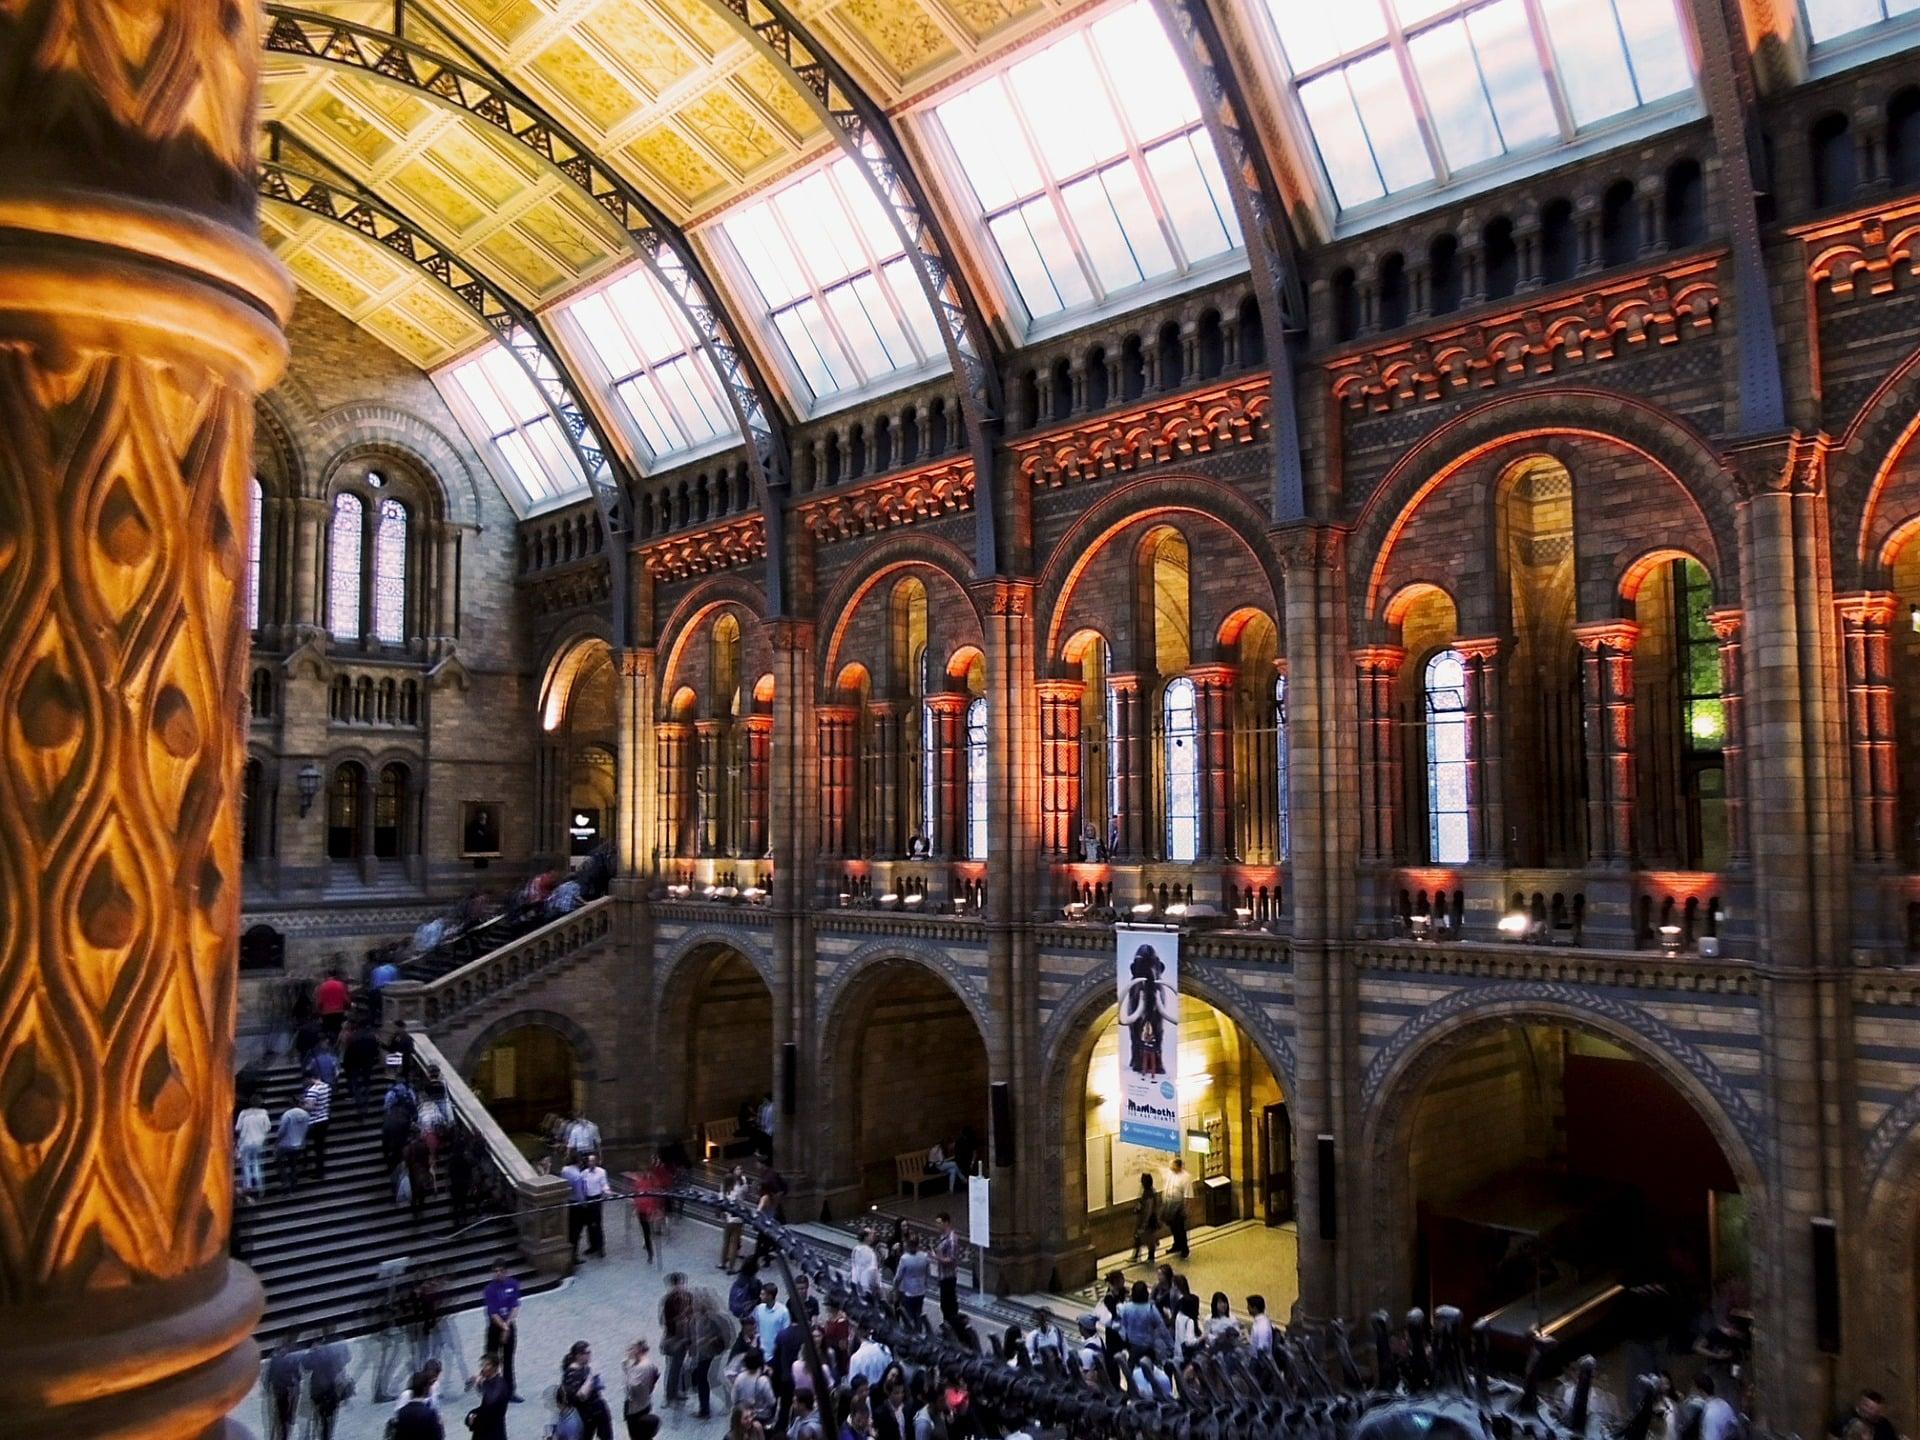 Musée d'histoire naturelle de Londres lors d'une colonie de vacances